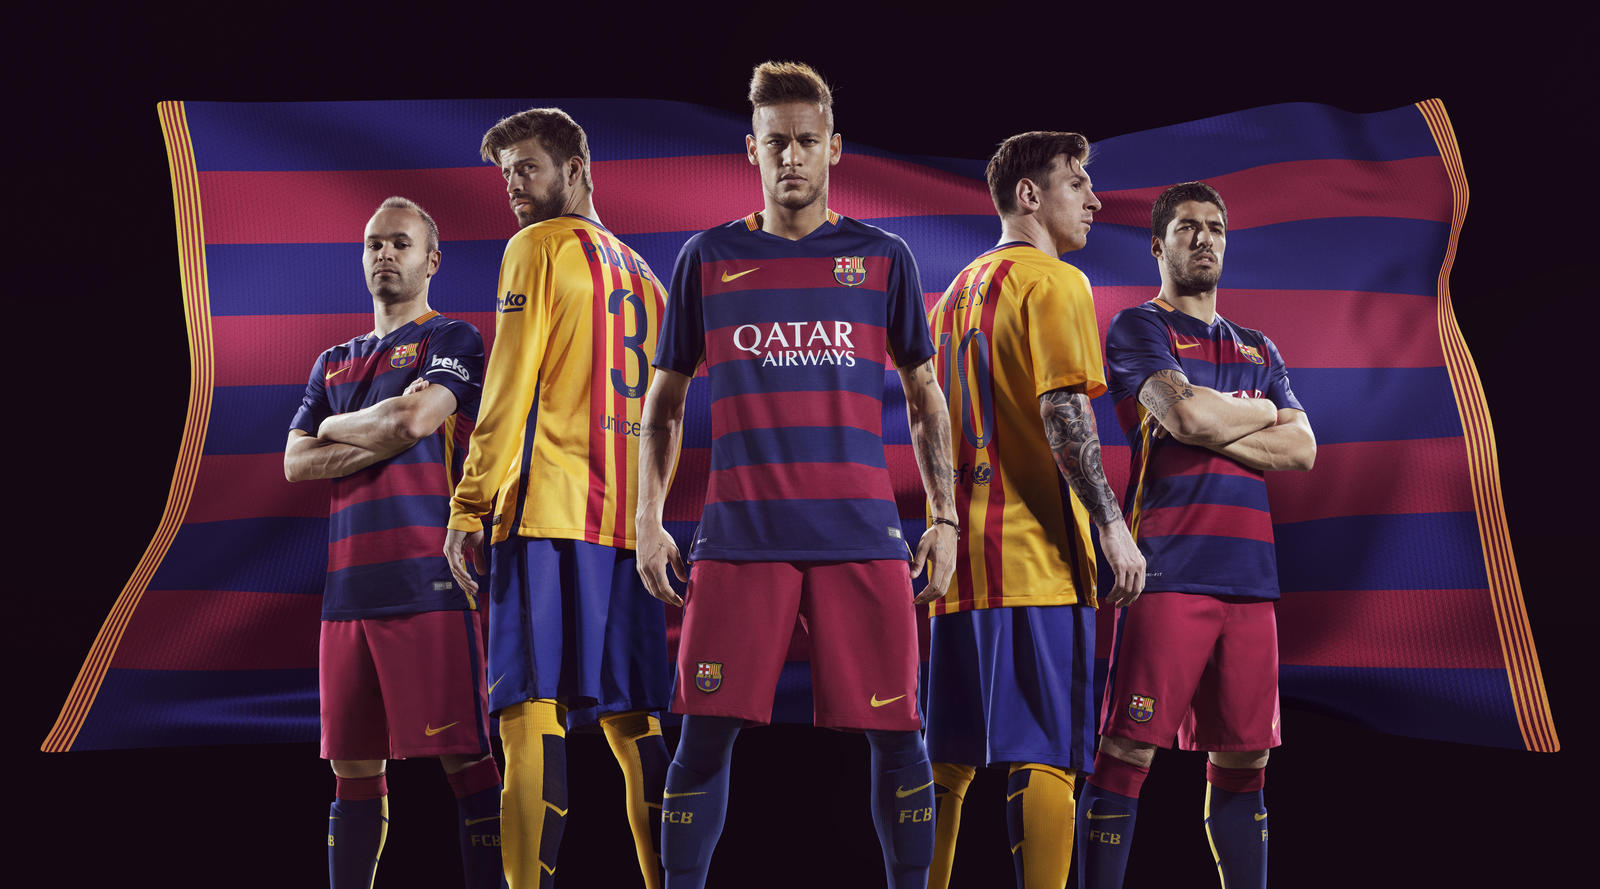 Las nuevas equipaciones del Barça 2015/16